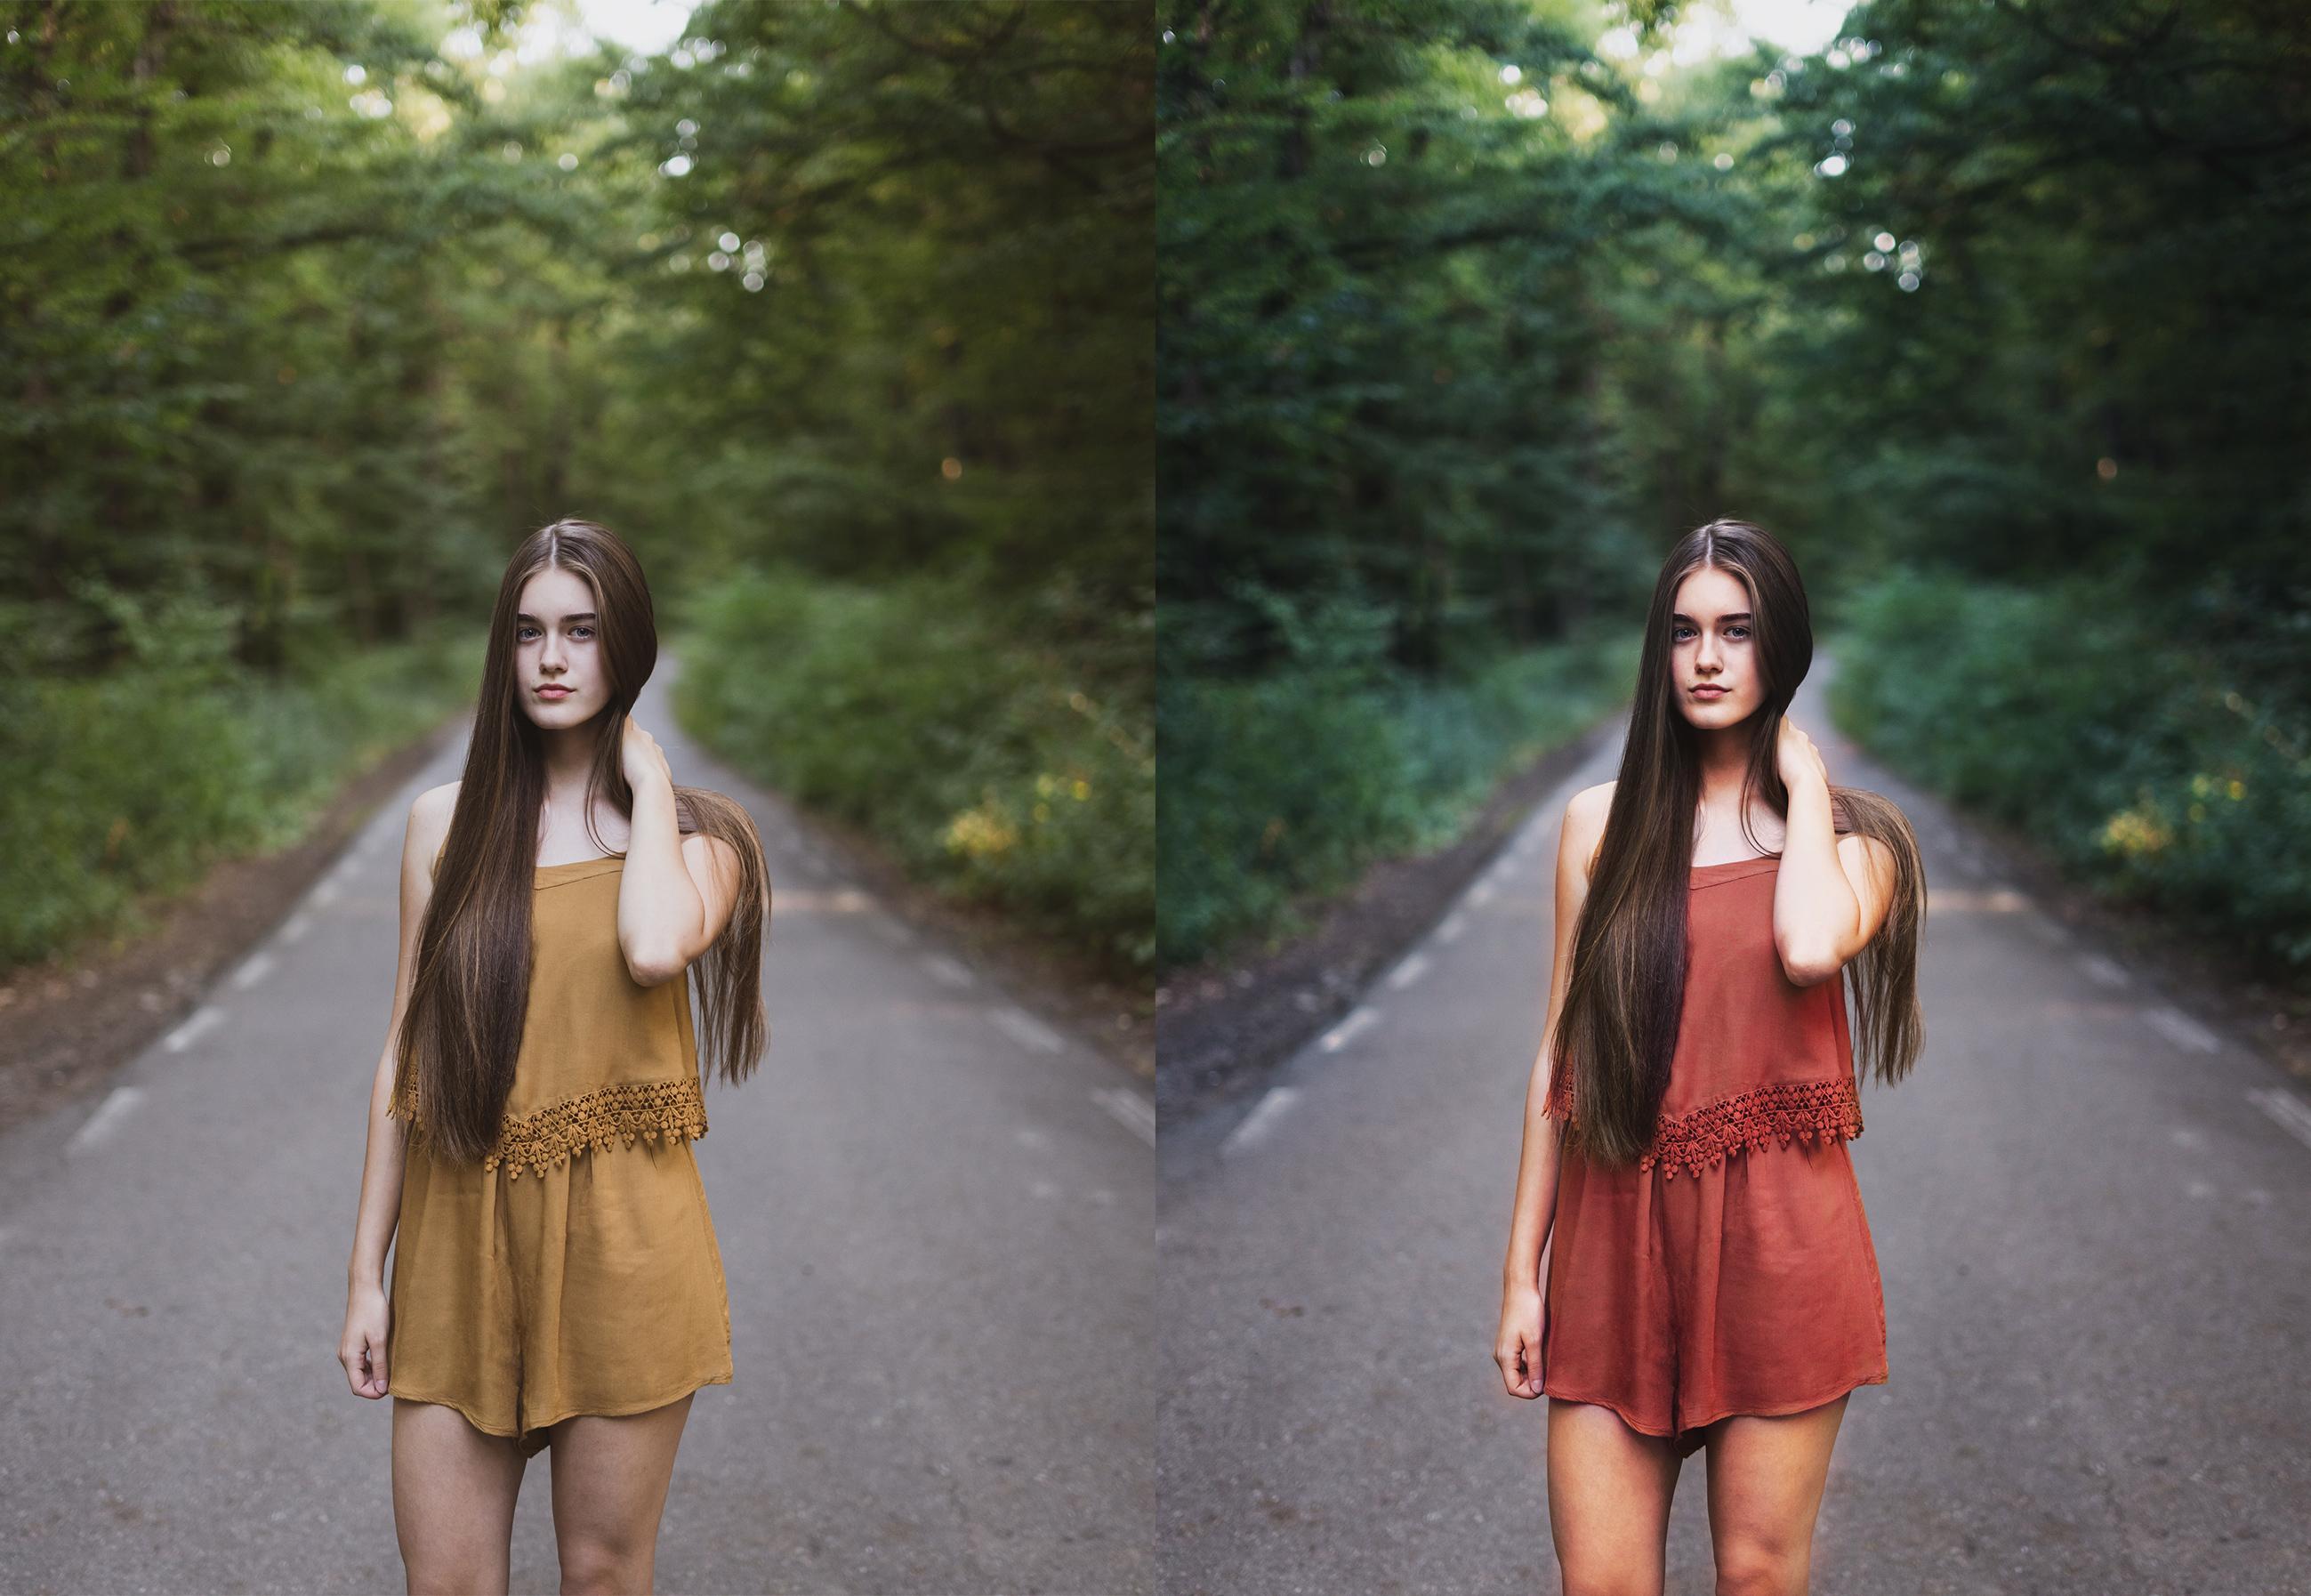 обработка фото в теплых тонах более, изготовление внутреннего